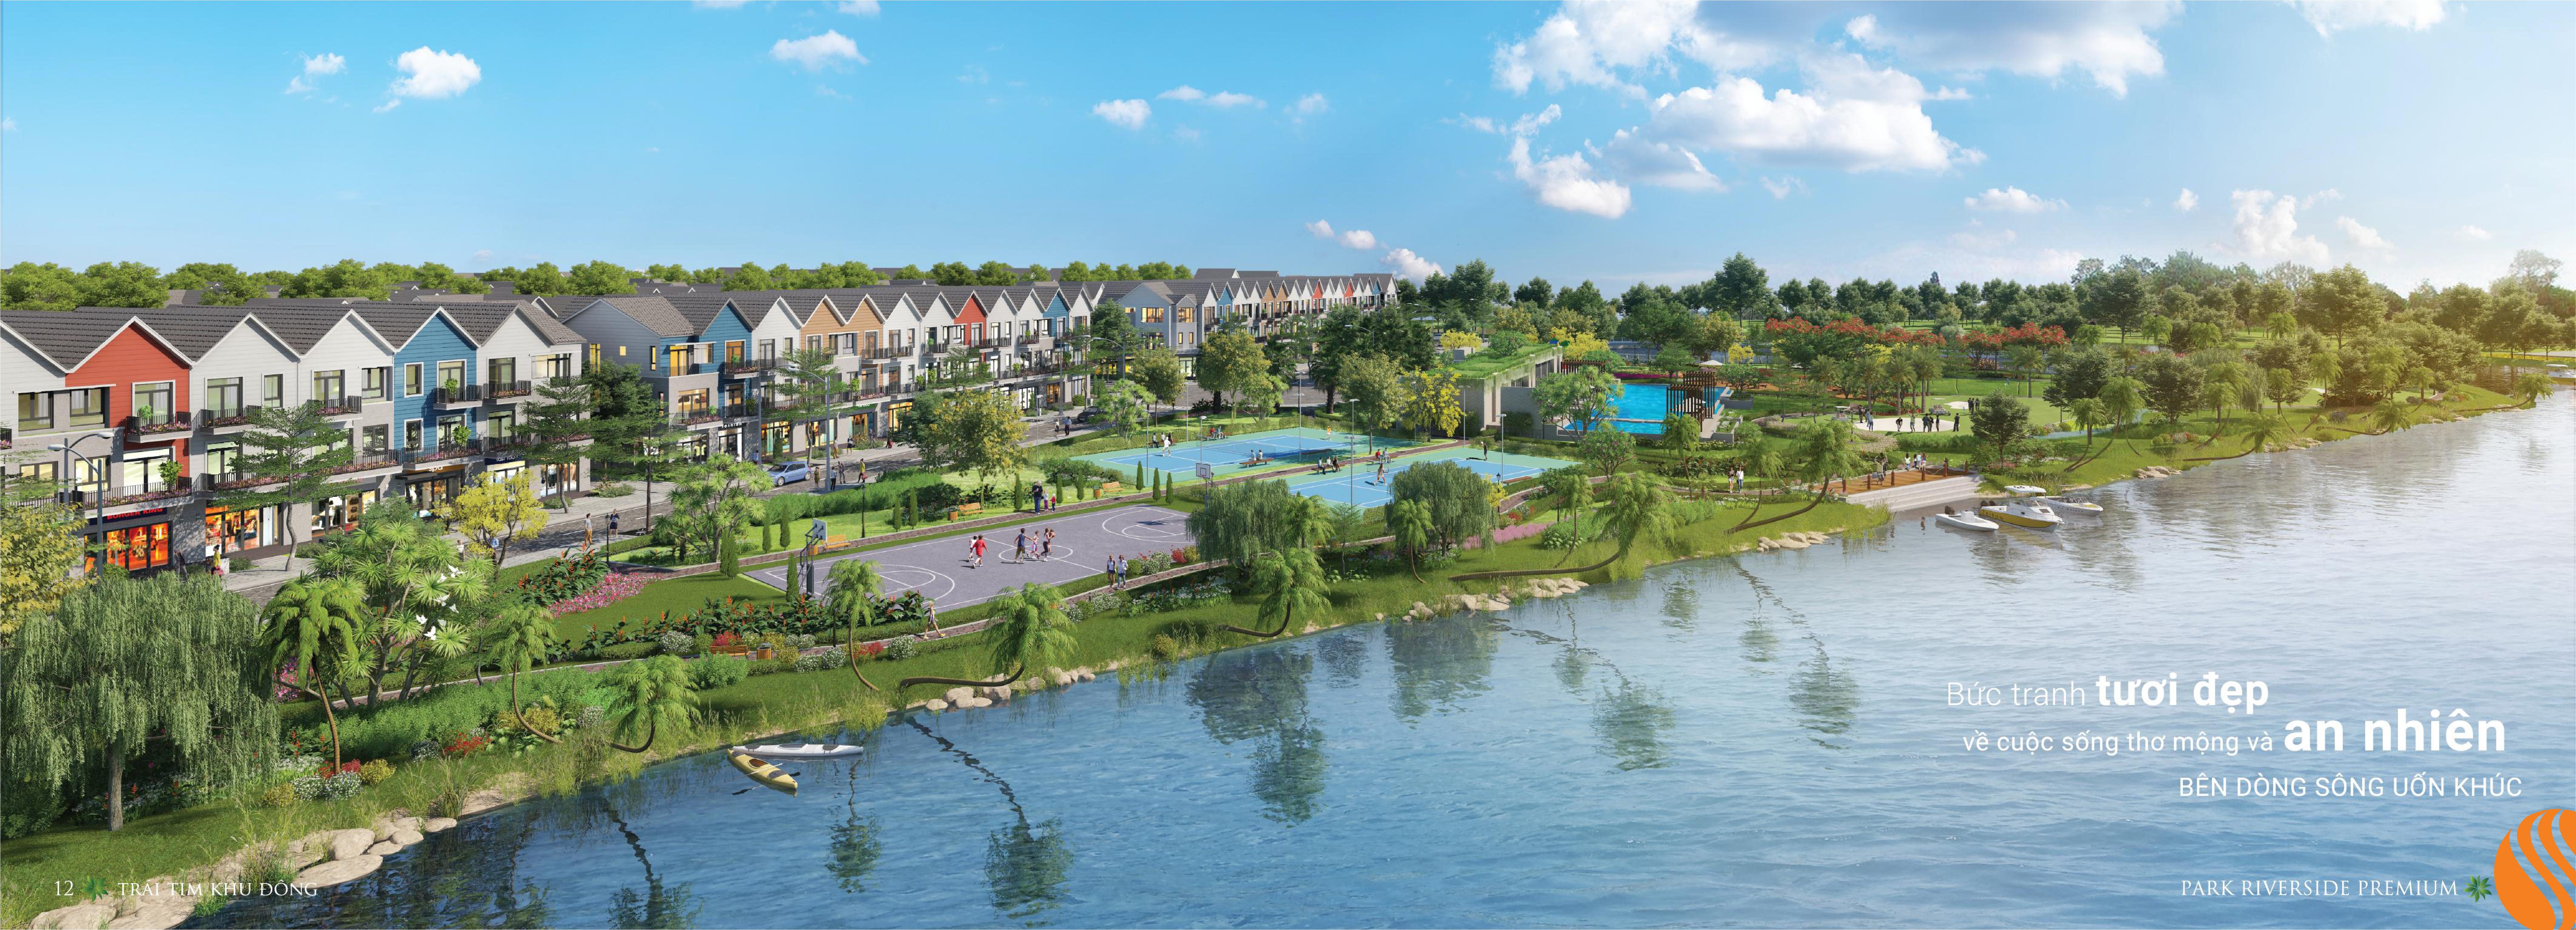 Khu hồ bơi chân may dự án Park Roverside